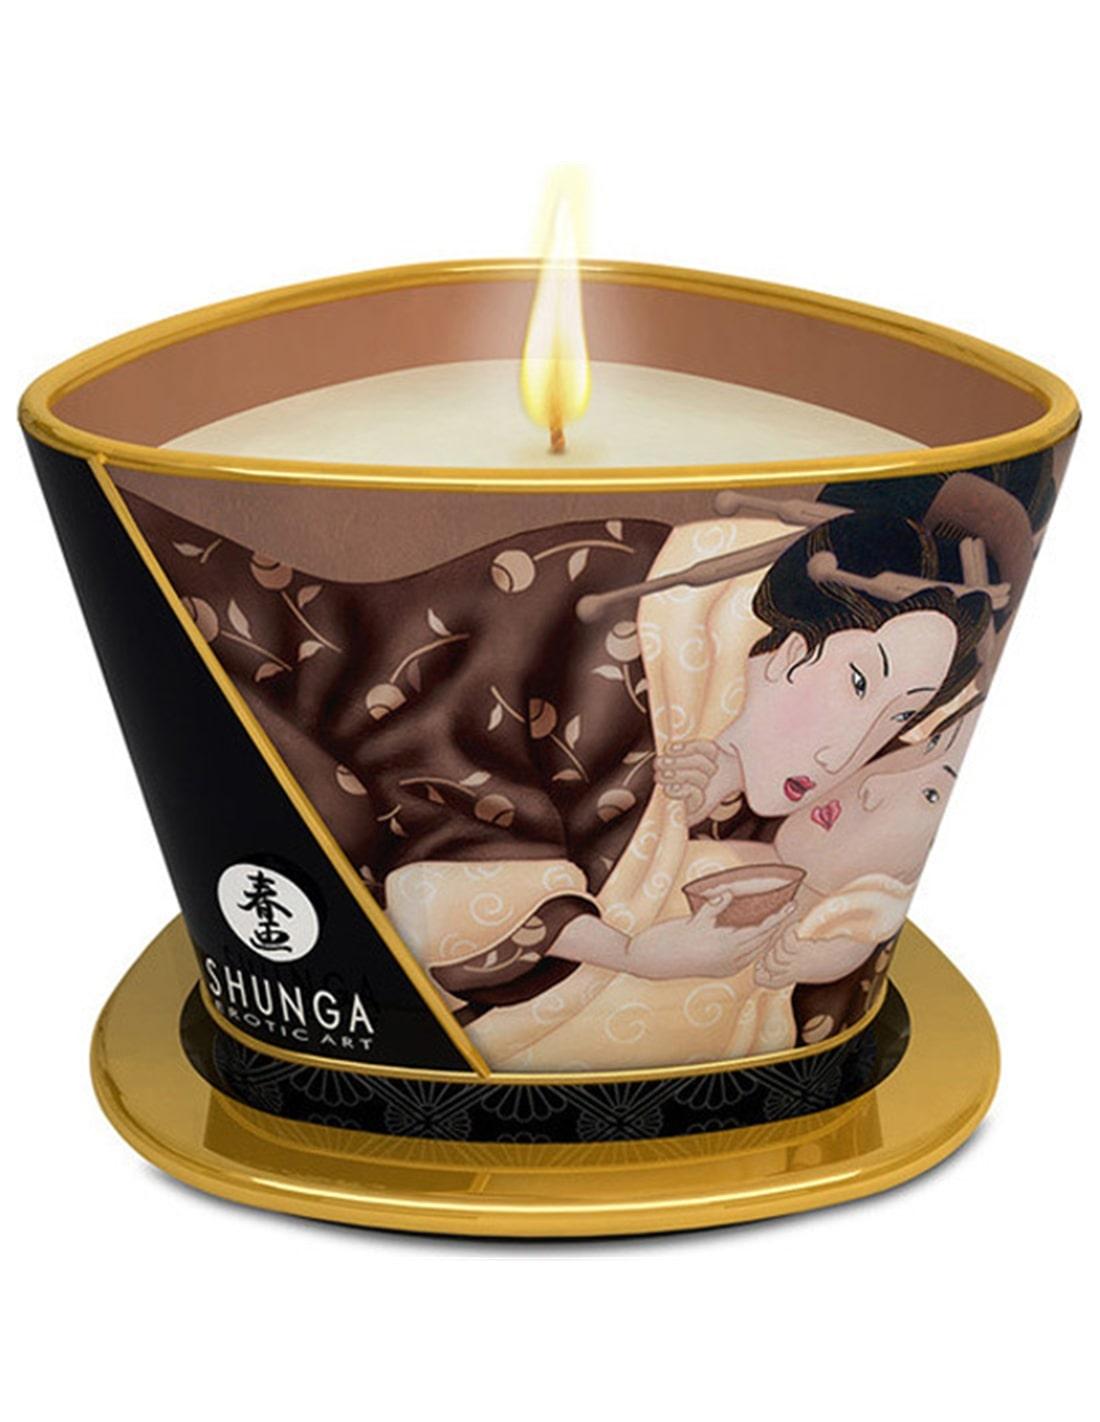 Vela de Massagem Shunga Desire Baunilha Fetish - 170ml - PR2010300305